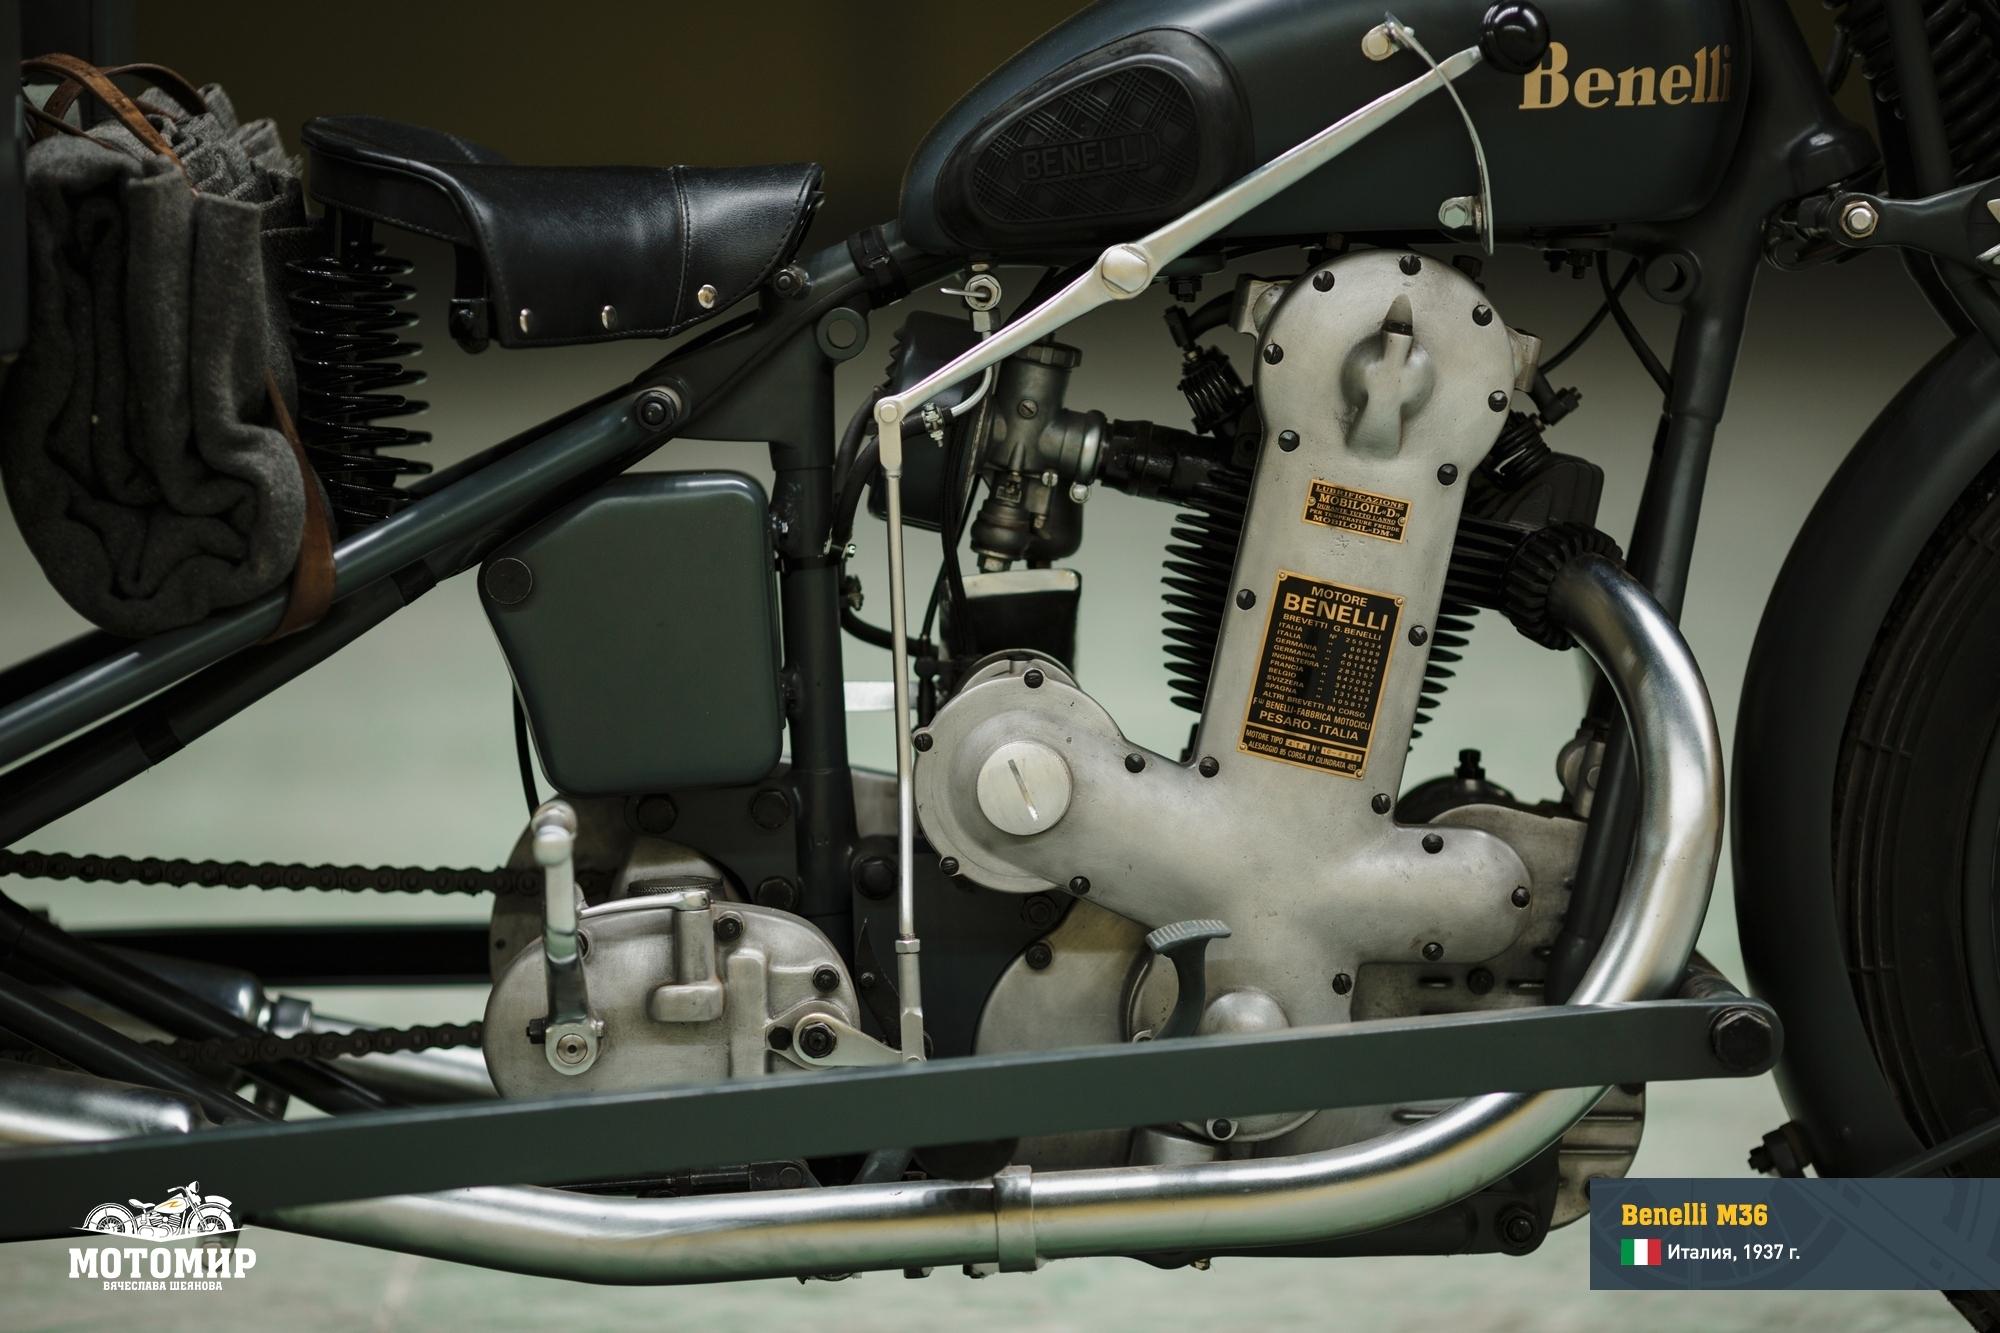 benelli-m36-201412-web-09